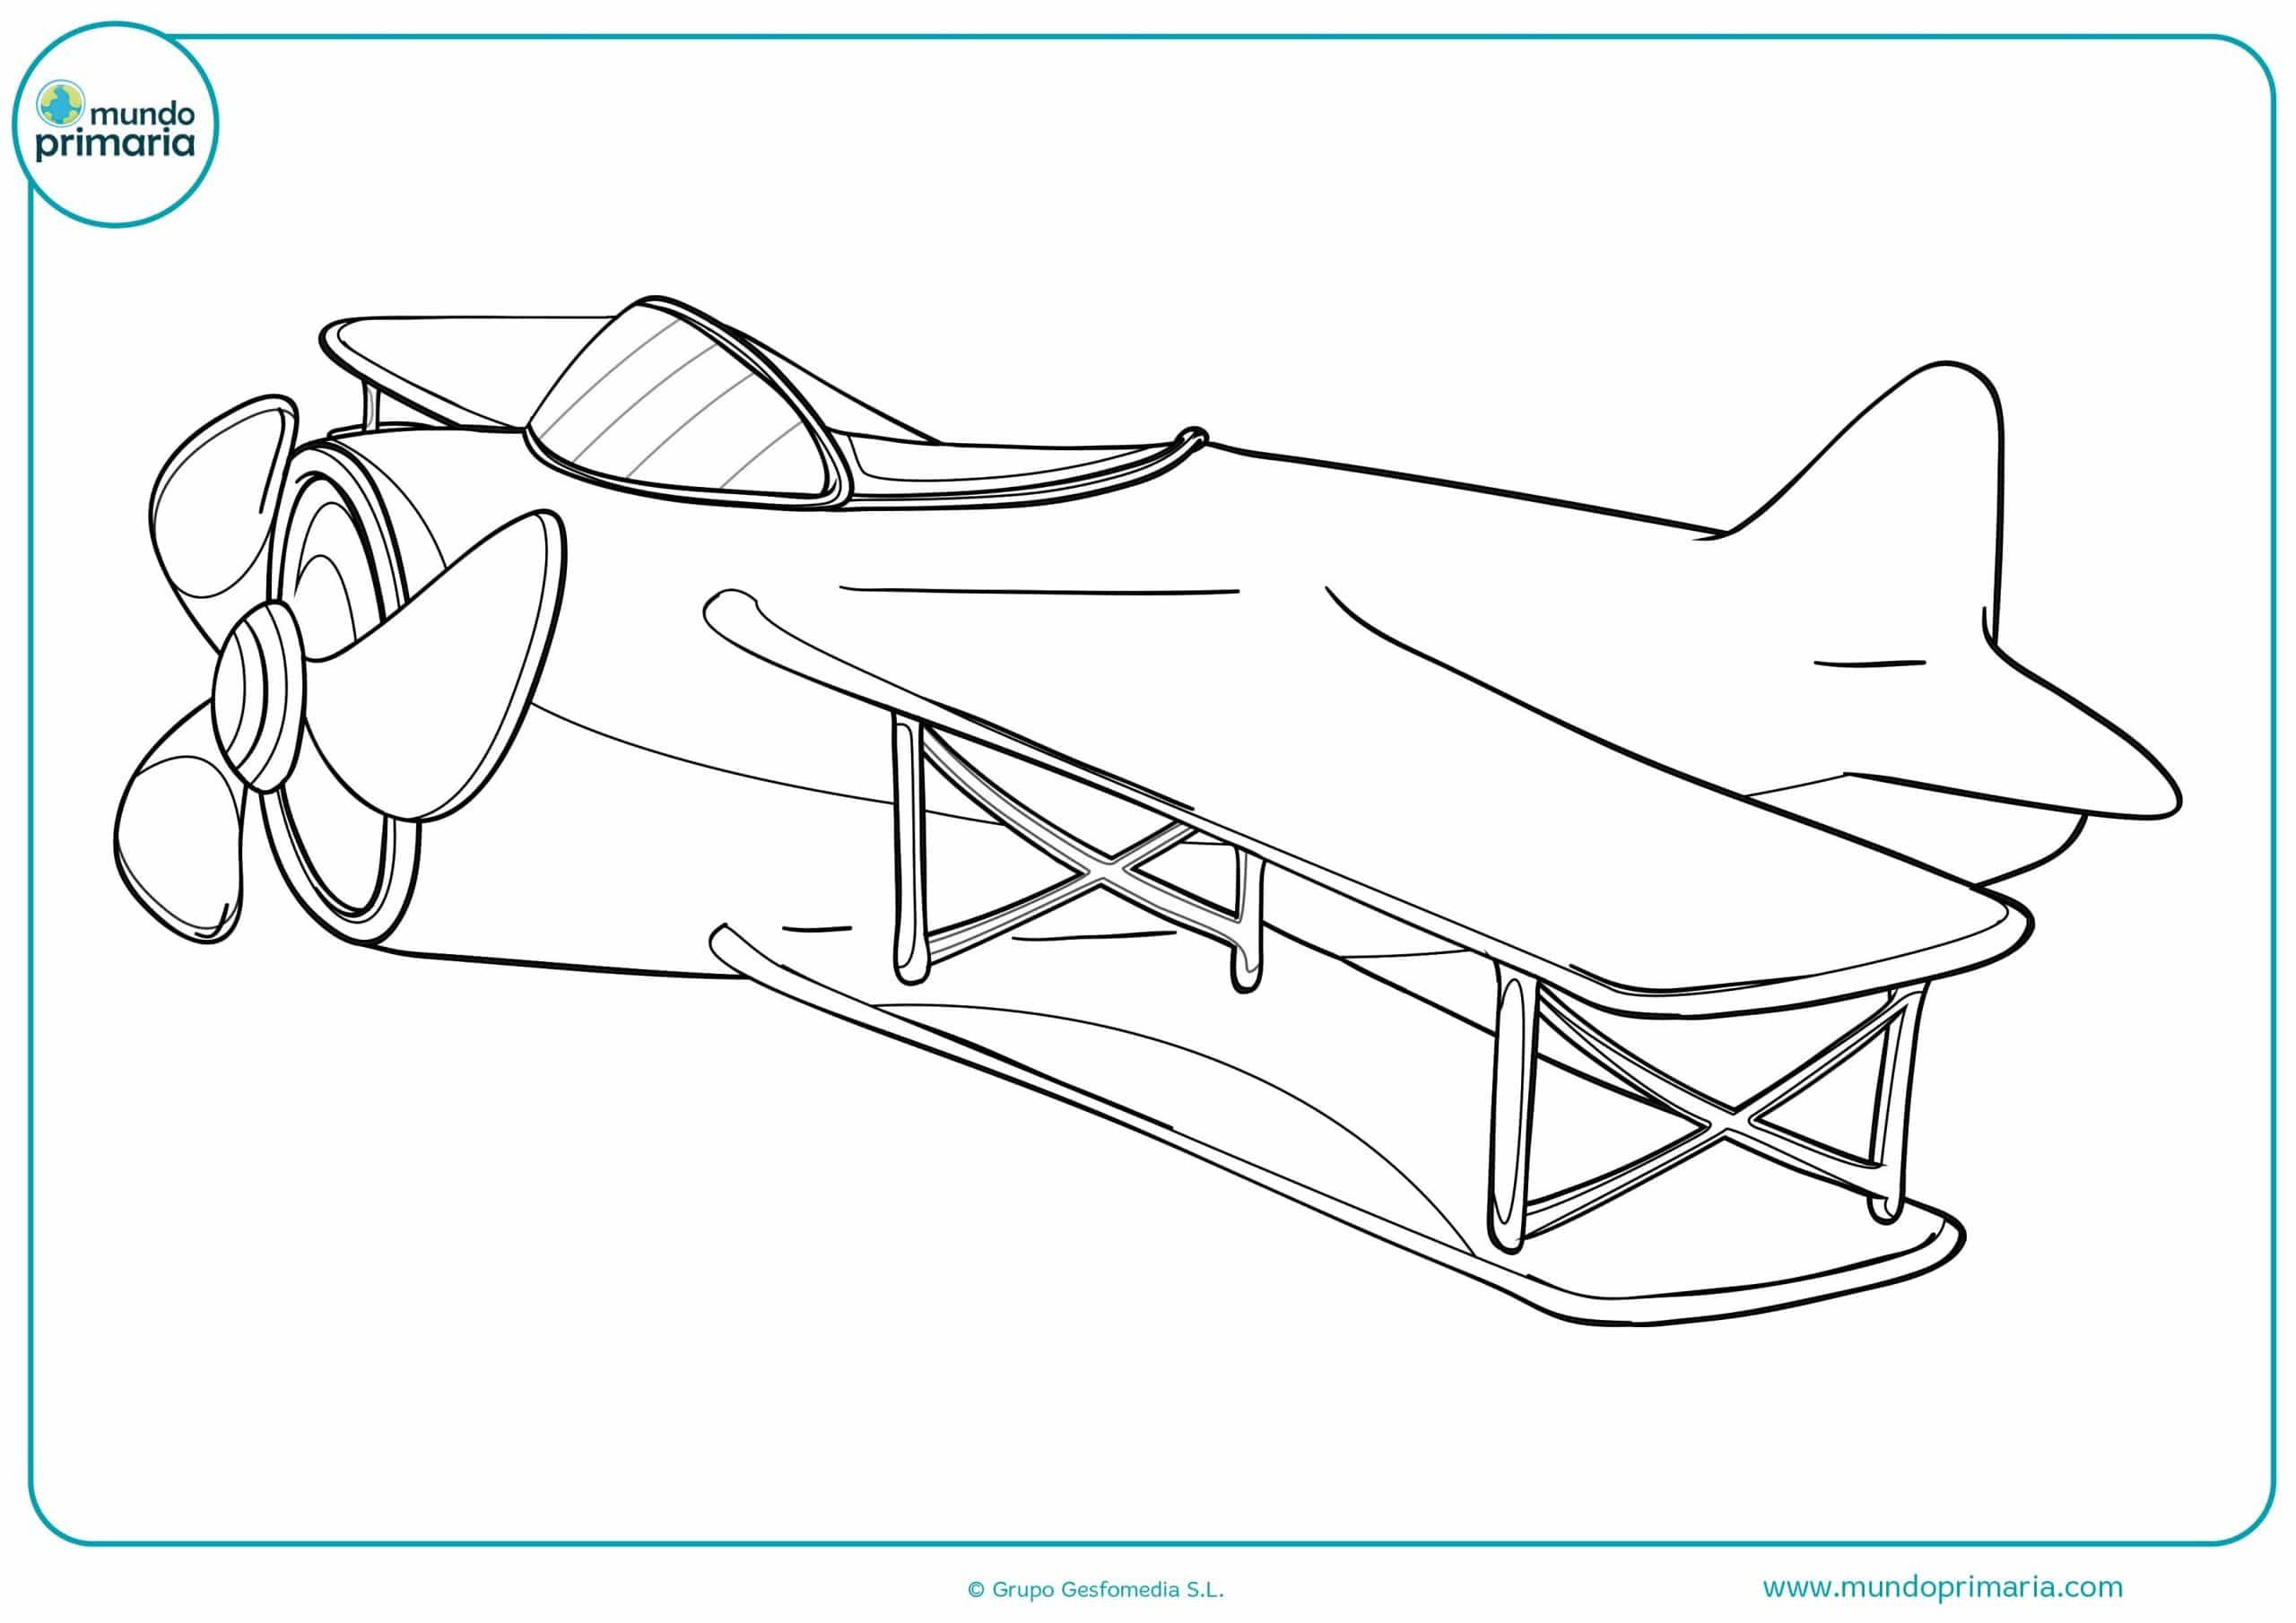 Colorear dibujos aviones